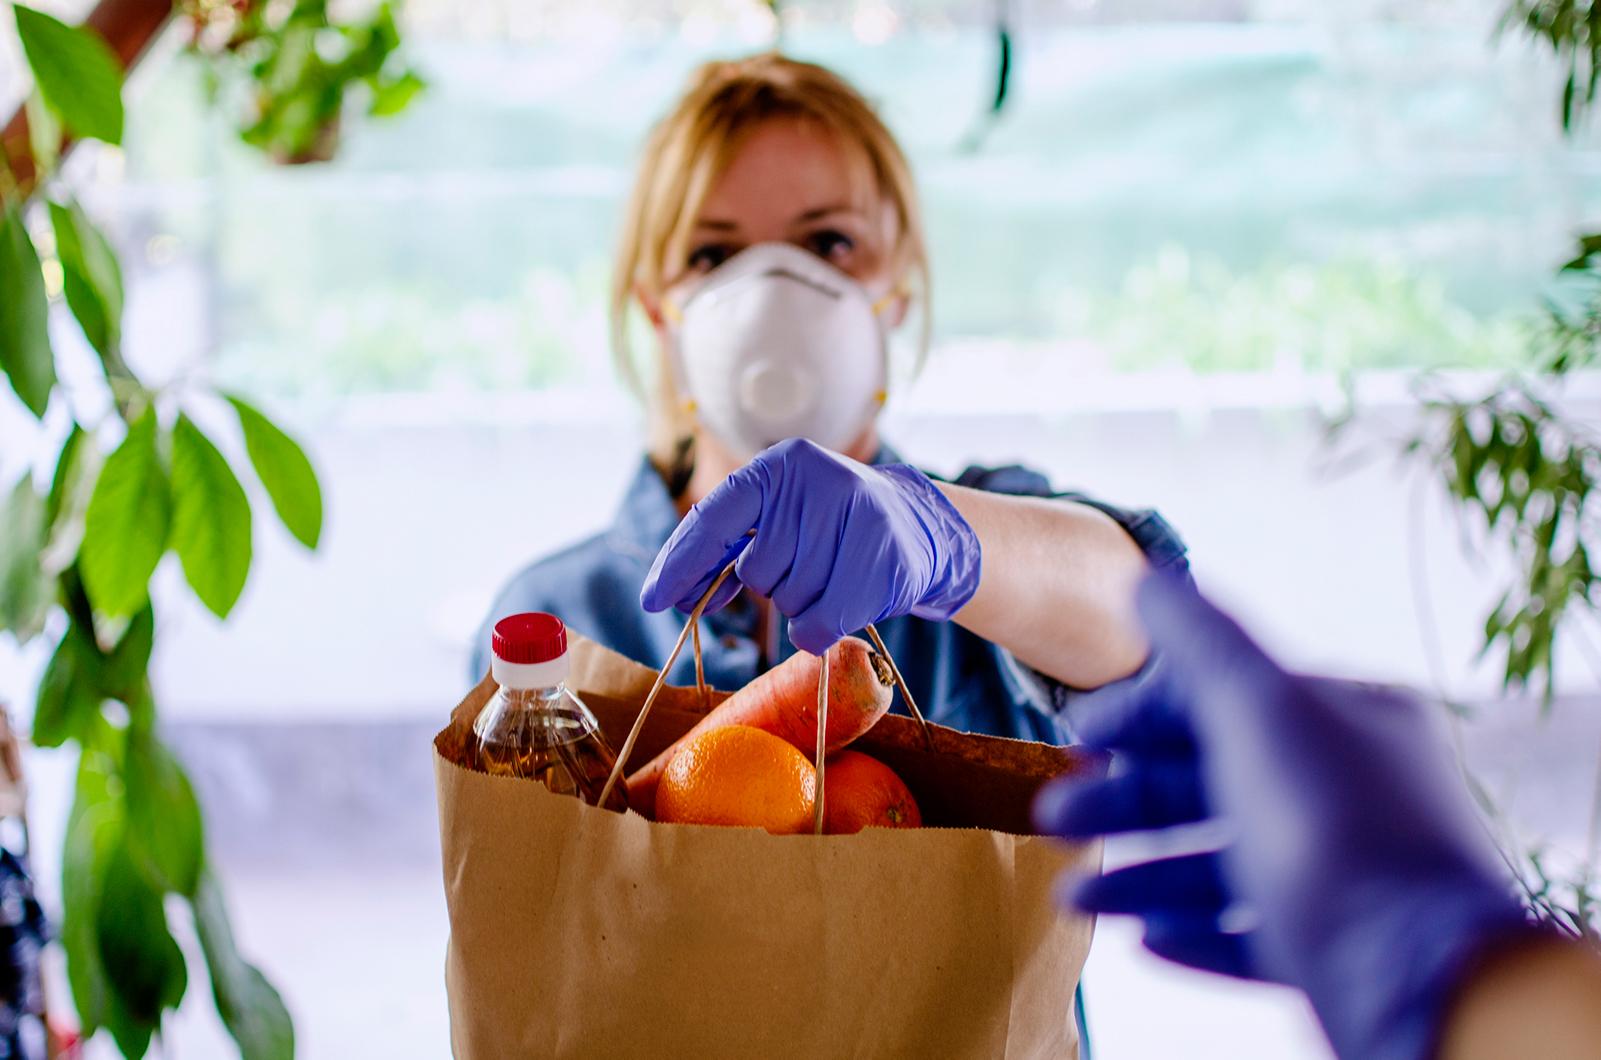 A volunteers handing food basket